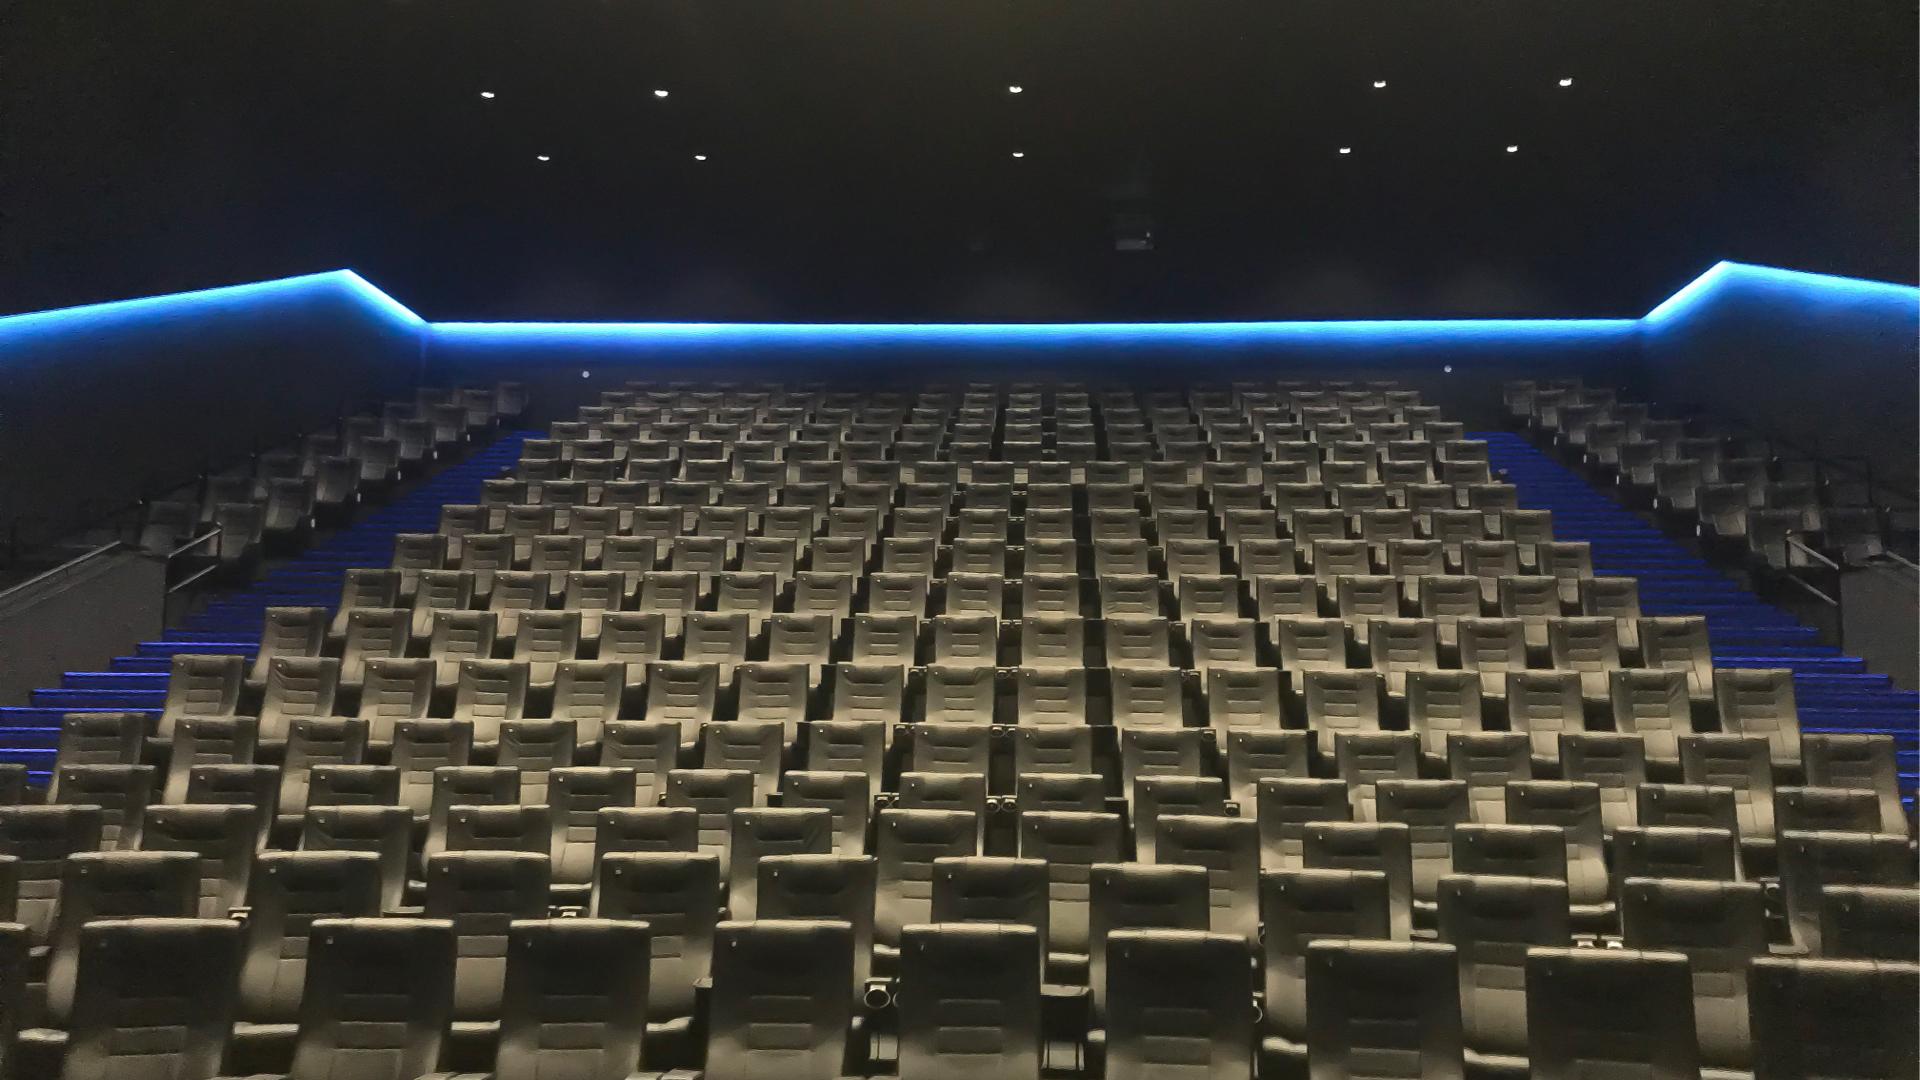 Sala kinowa z zielonymi fotelami i niebieskim światłem w tle